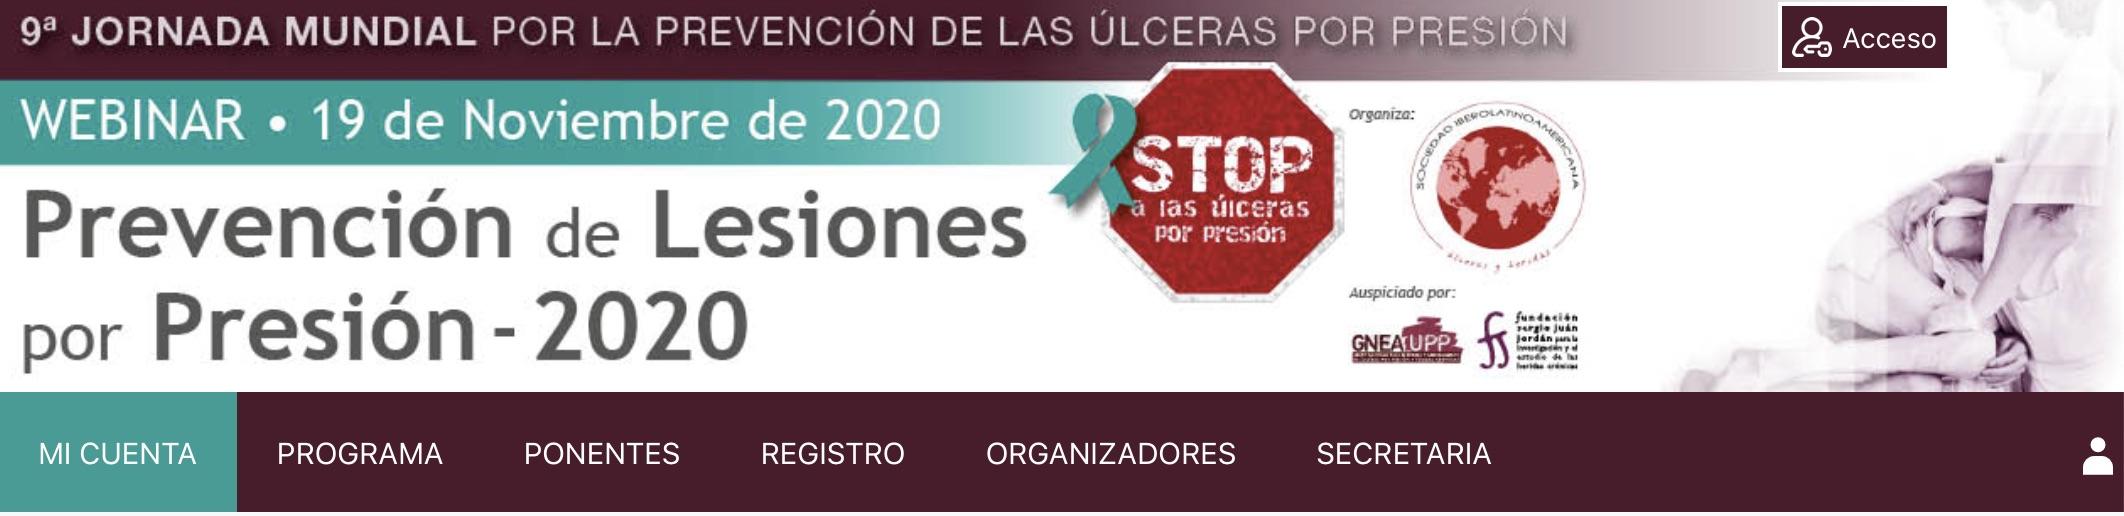 19 de noviembre. 9ª Jornada Mundial por la Prevención de las Úlceras por Presión. Webinar SILAHUE.